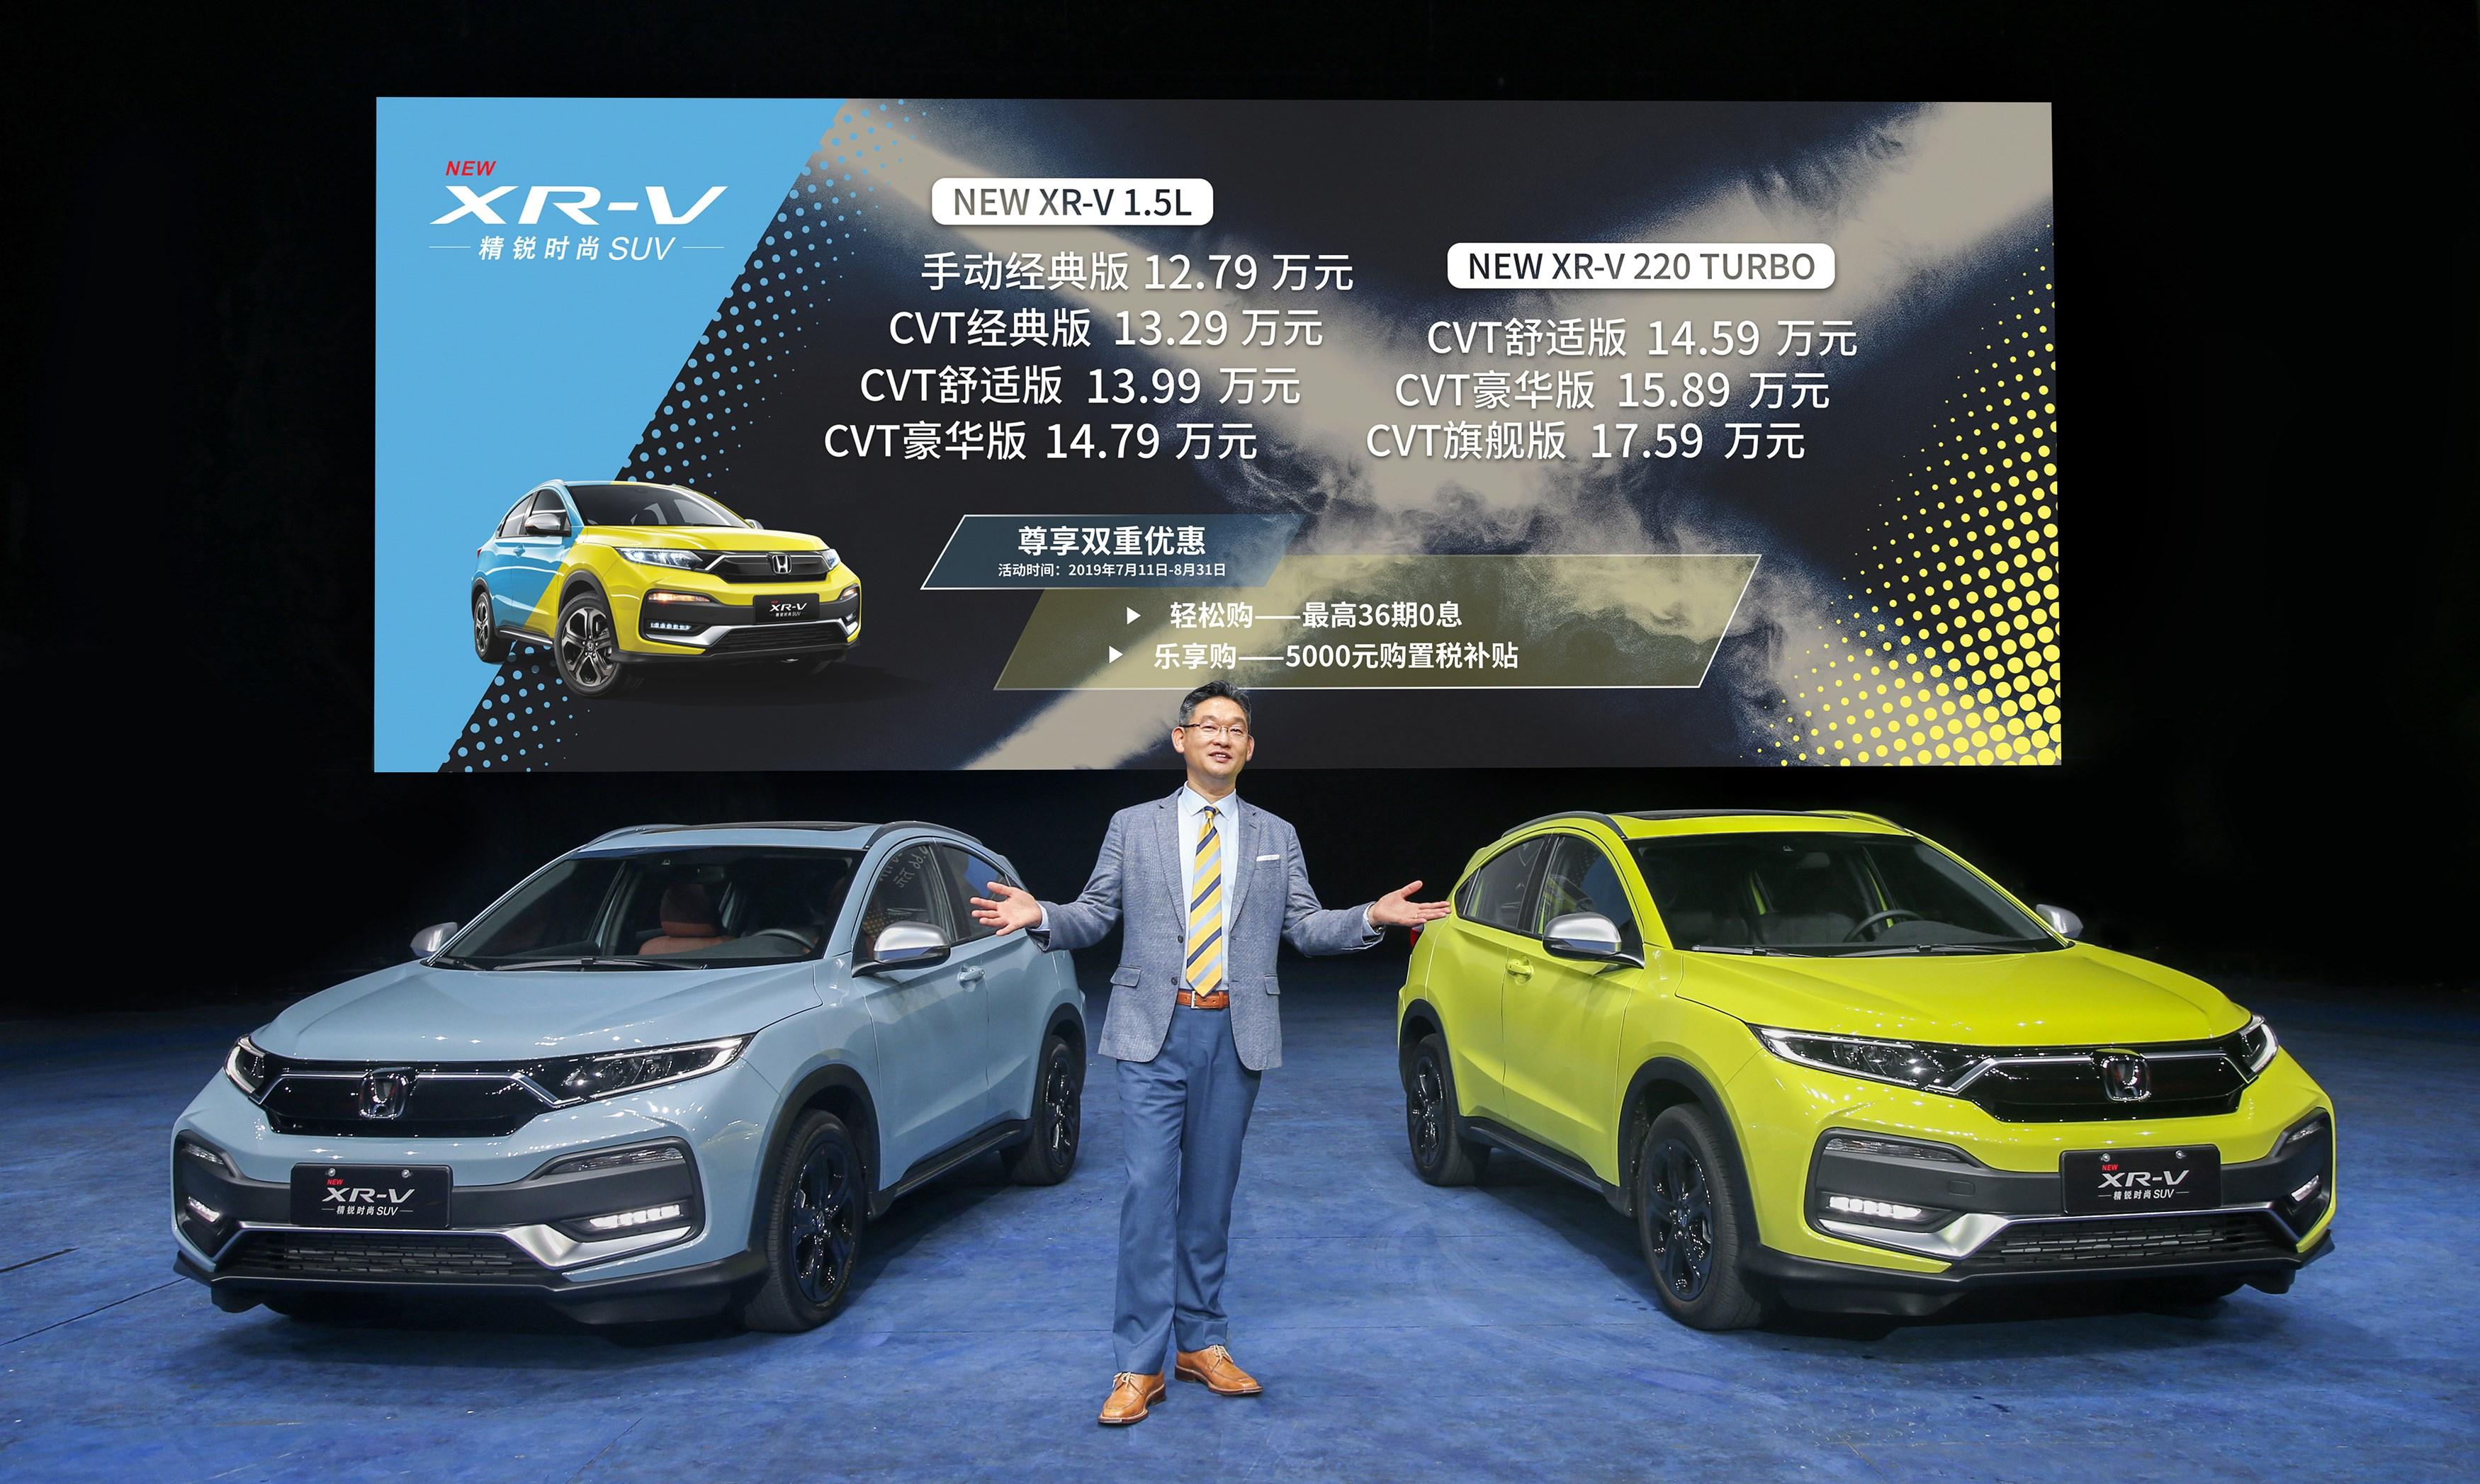 东风本田NEW XR-V:探寻小型SUV市场的增长新空间 | 汽车产经